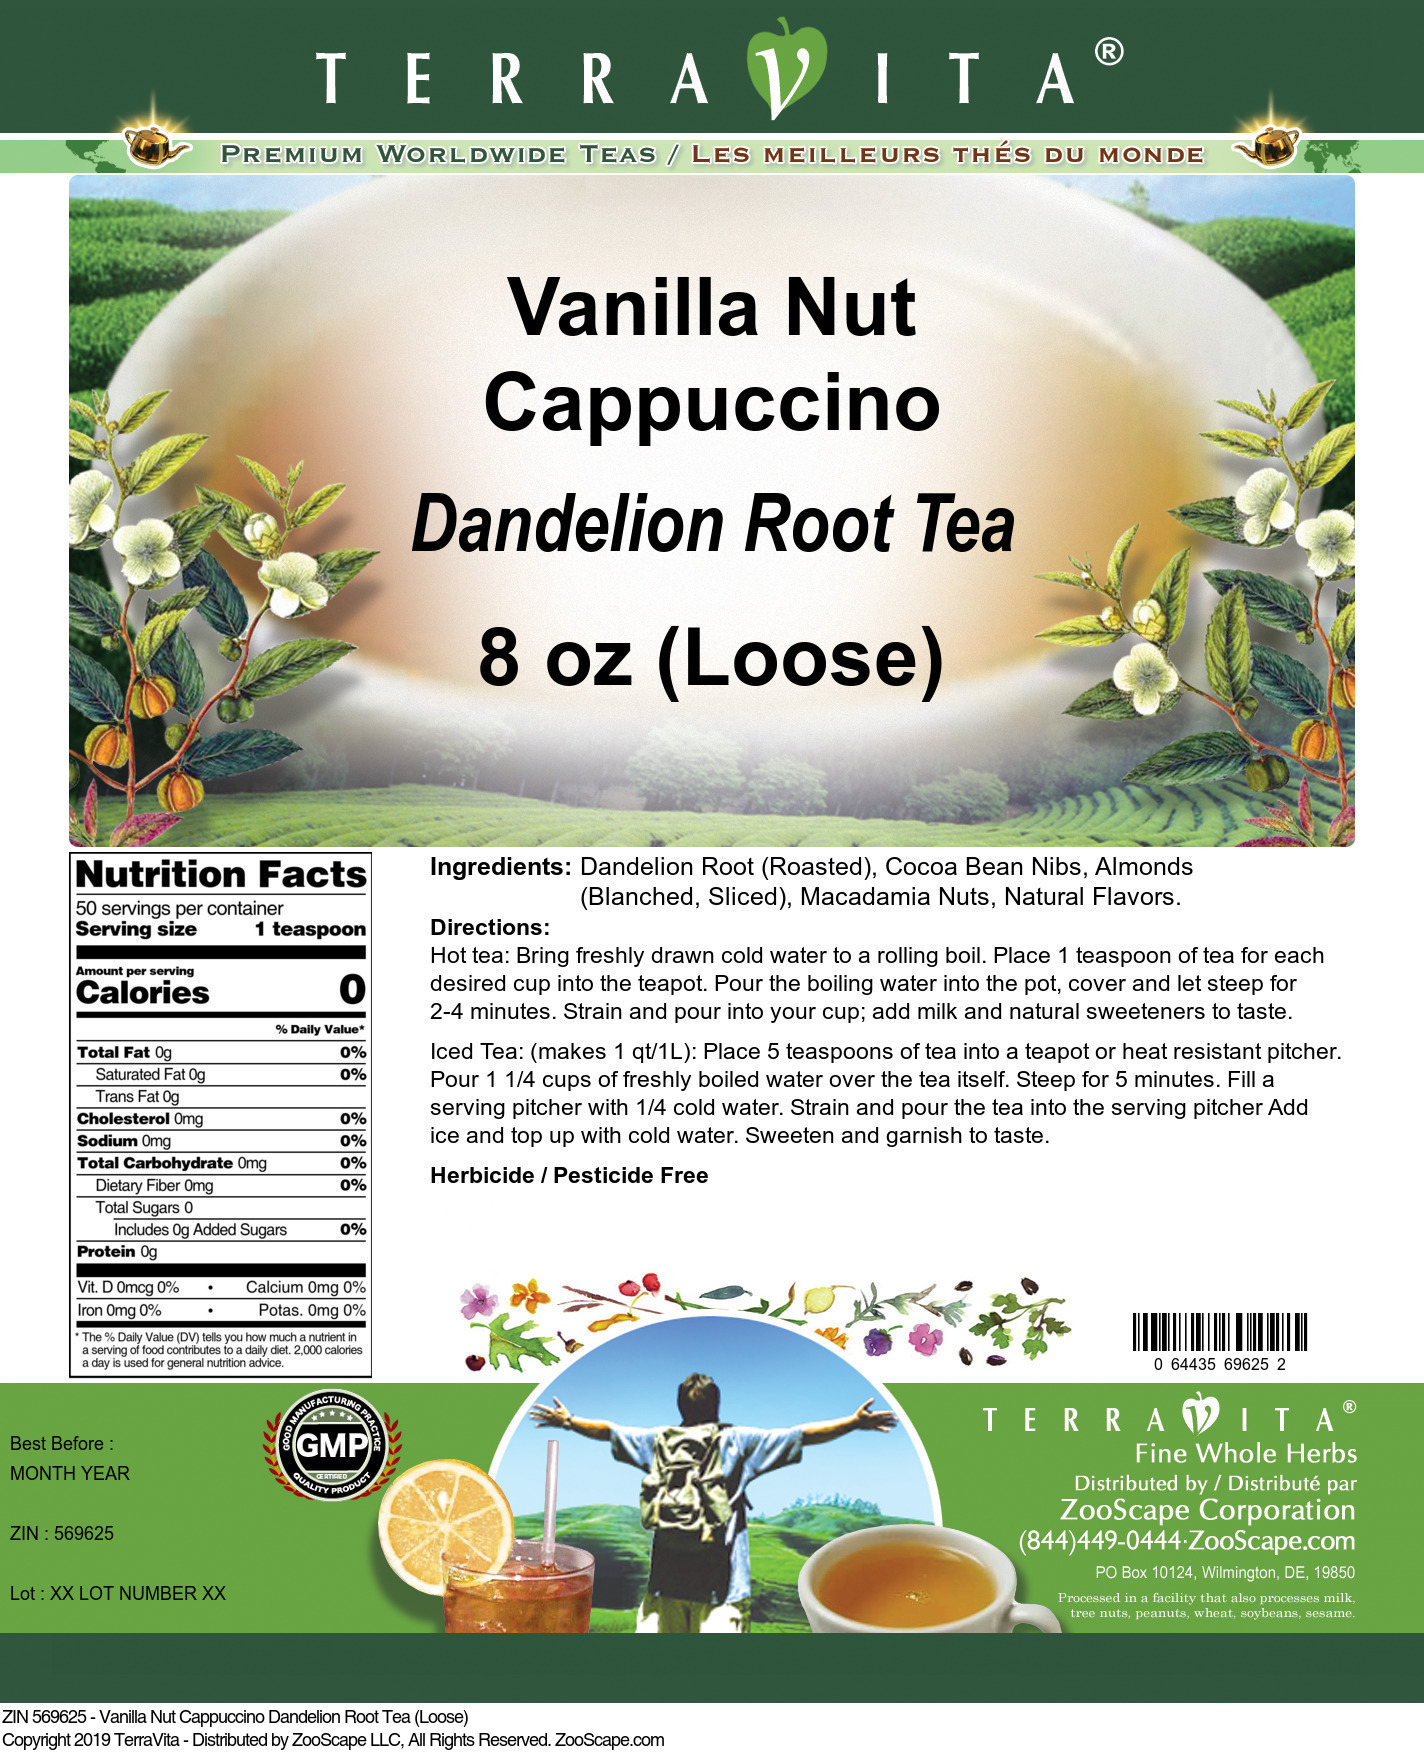 Vanilla Nut Cappuccino Dandelion Root Tea (Loose)